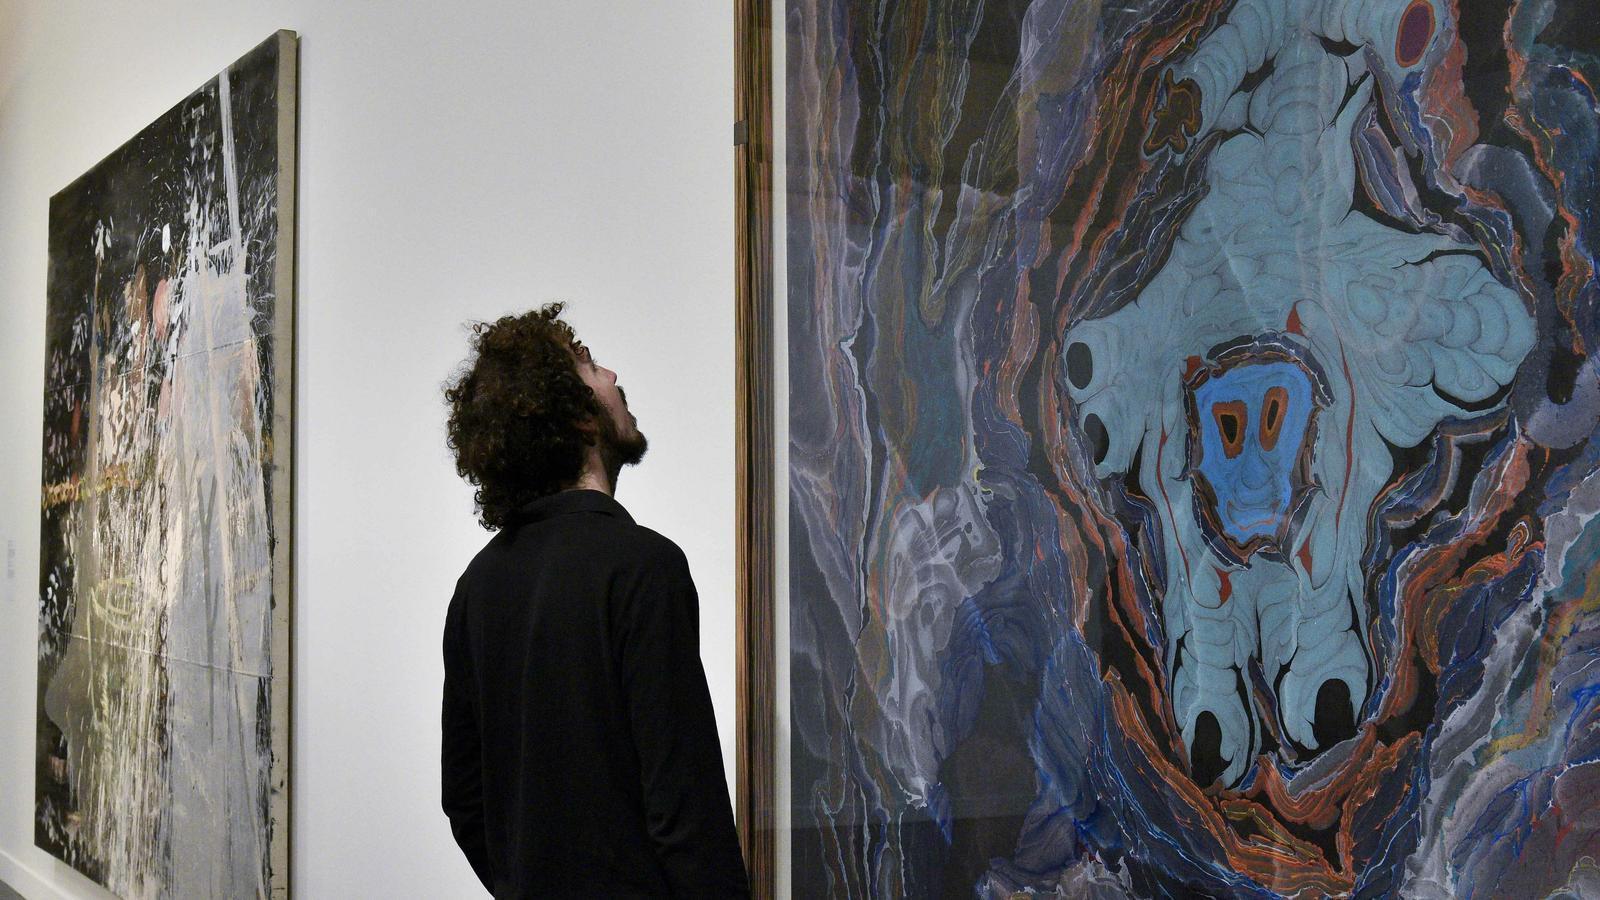 'Representació inestable talismànica d'un Schrättel (amb agraïment al mestre marbrejador Dirk Lange', de Kerstin Brätsch